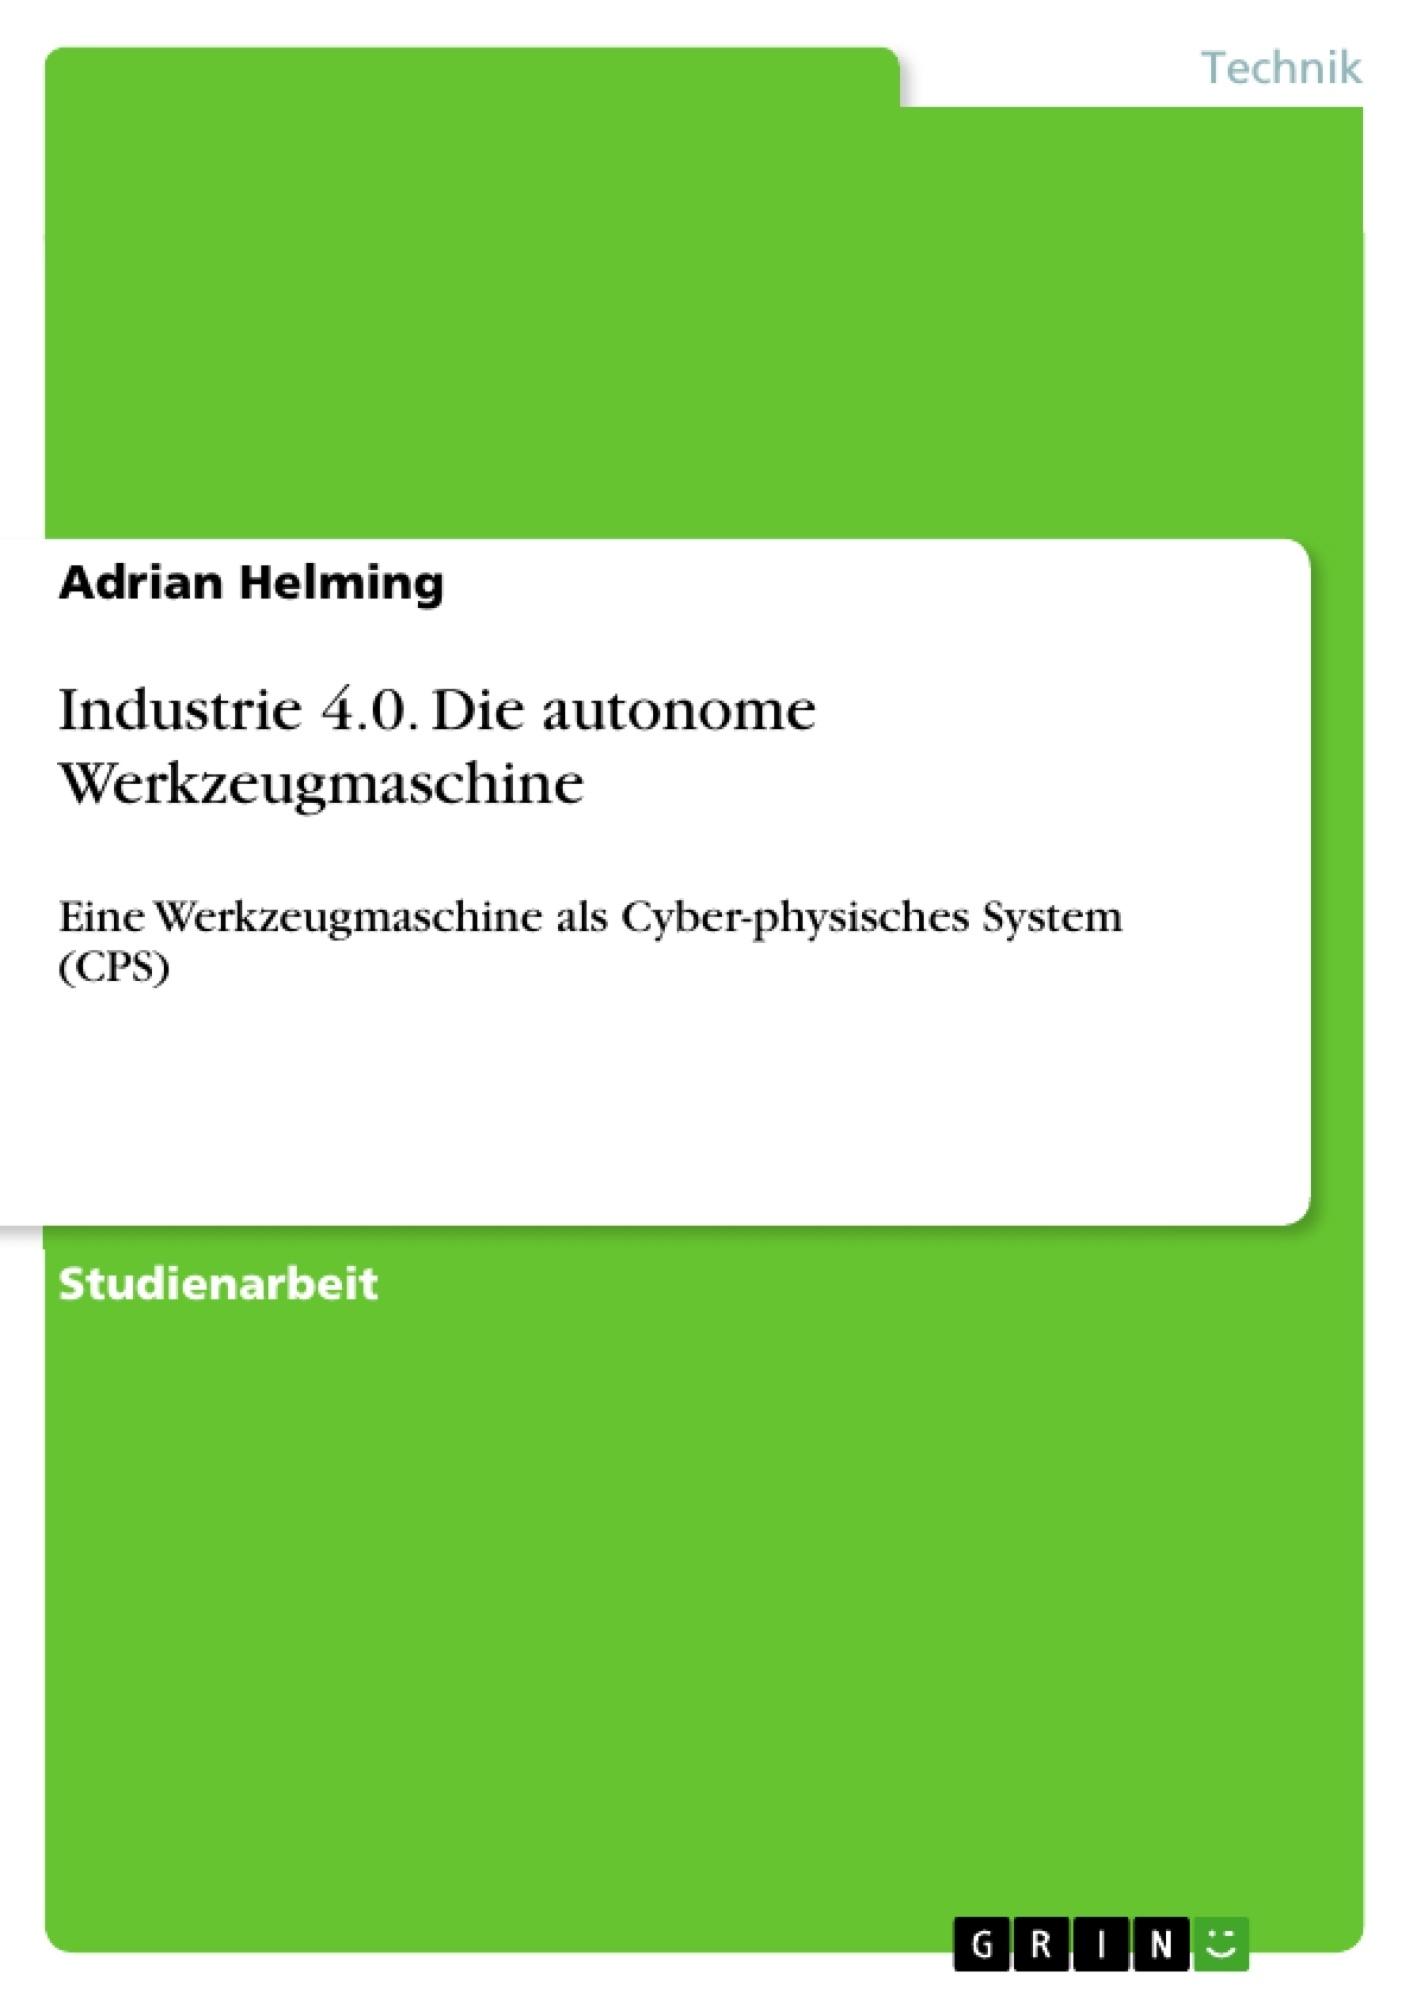 Titel: Industrie 4.0. Die autonome Werkzeugmaschine